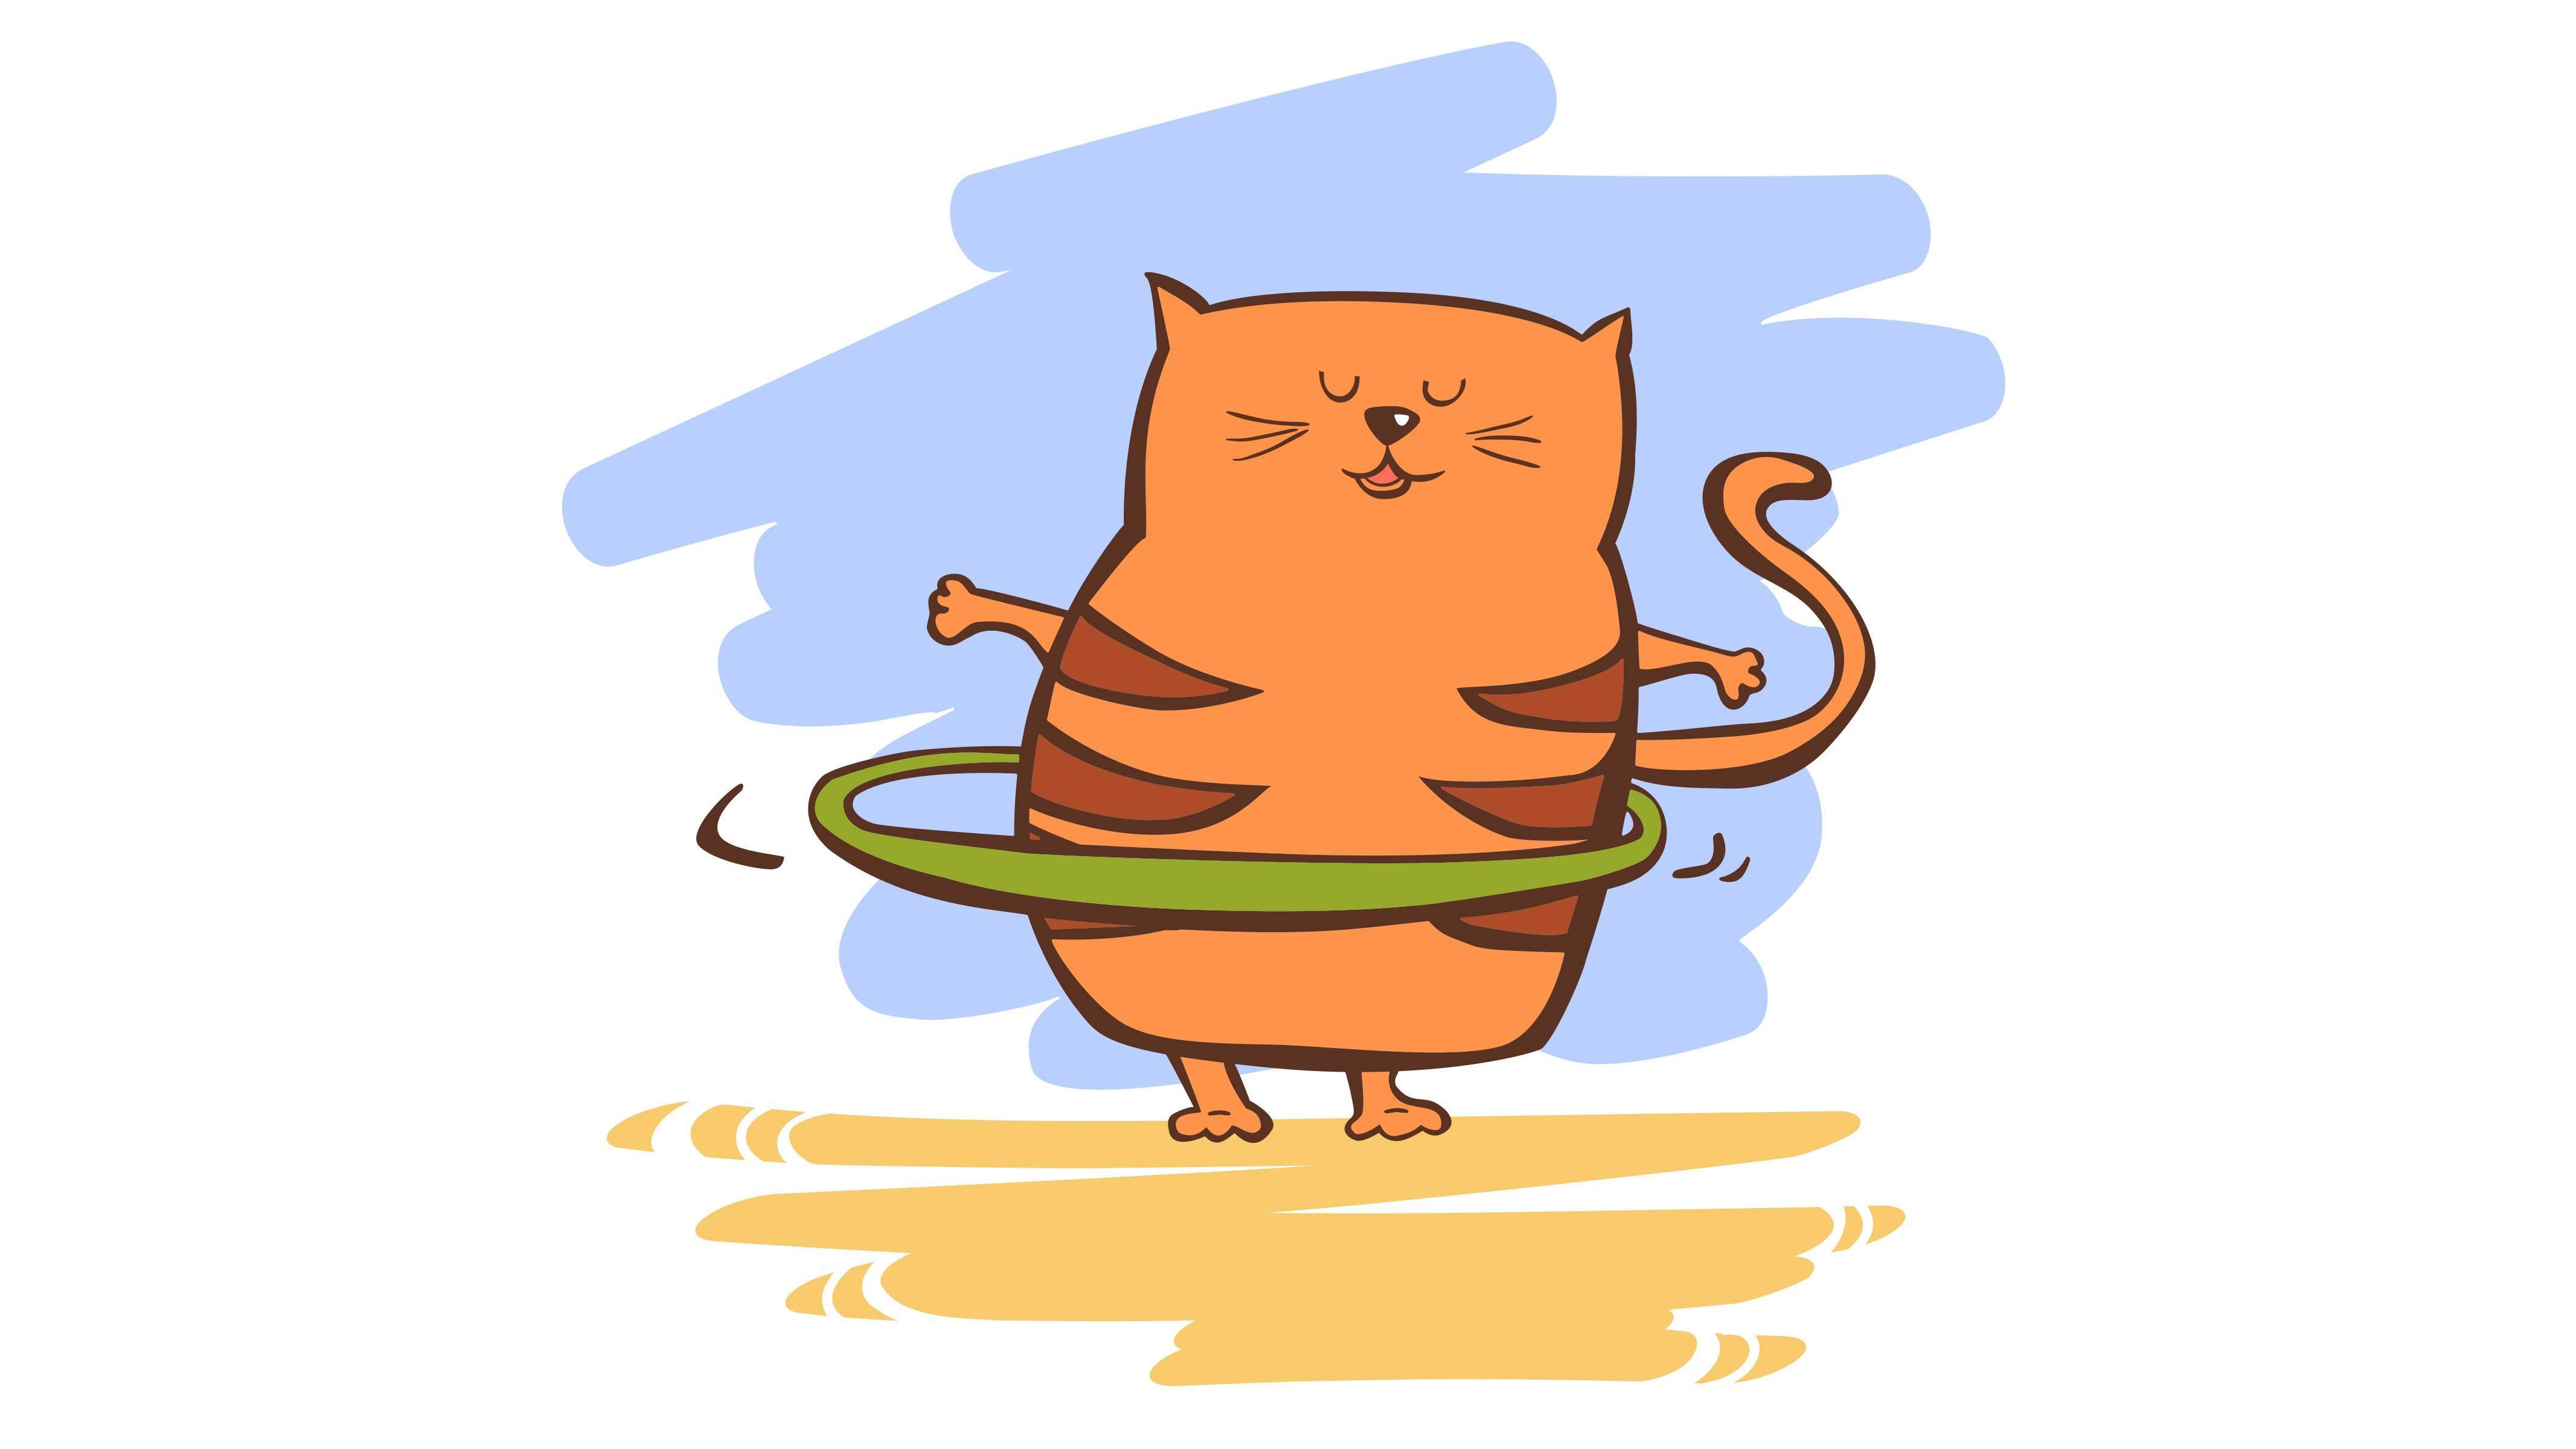 Почему кот худой?